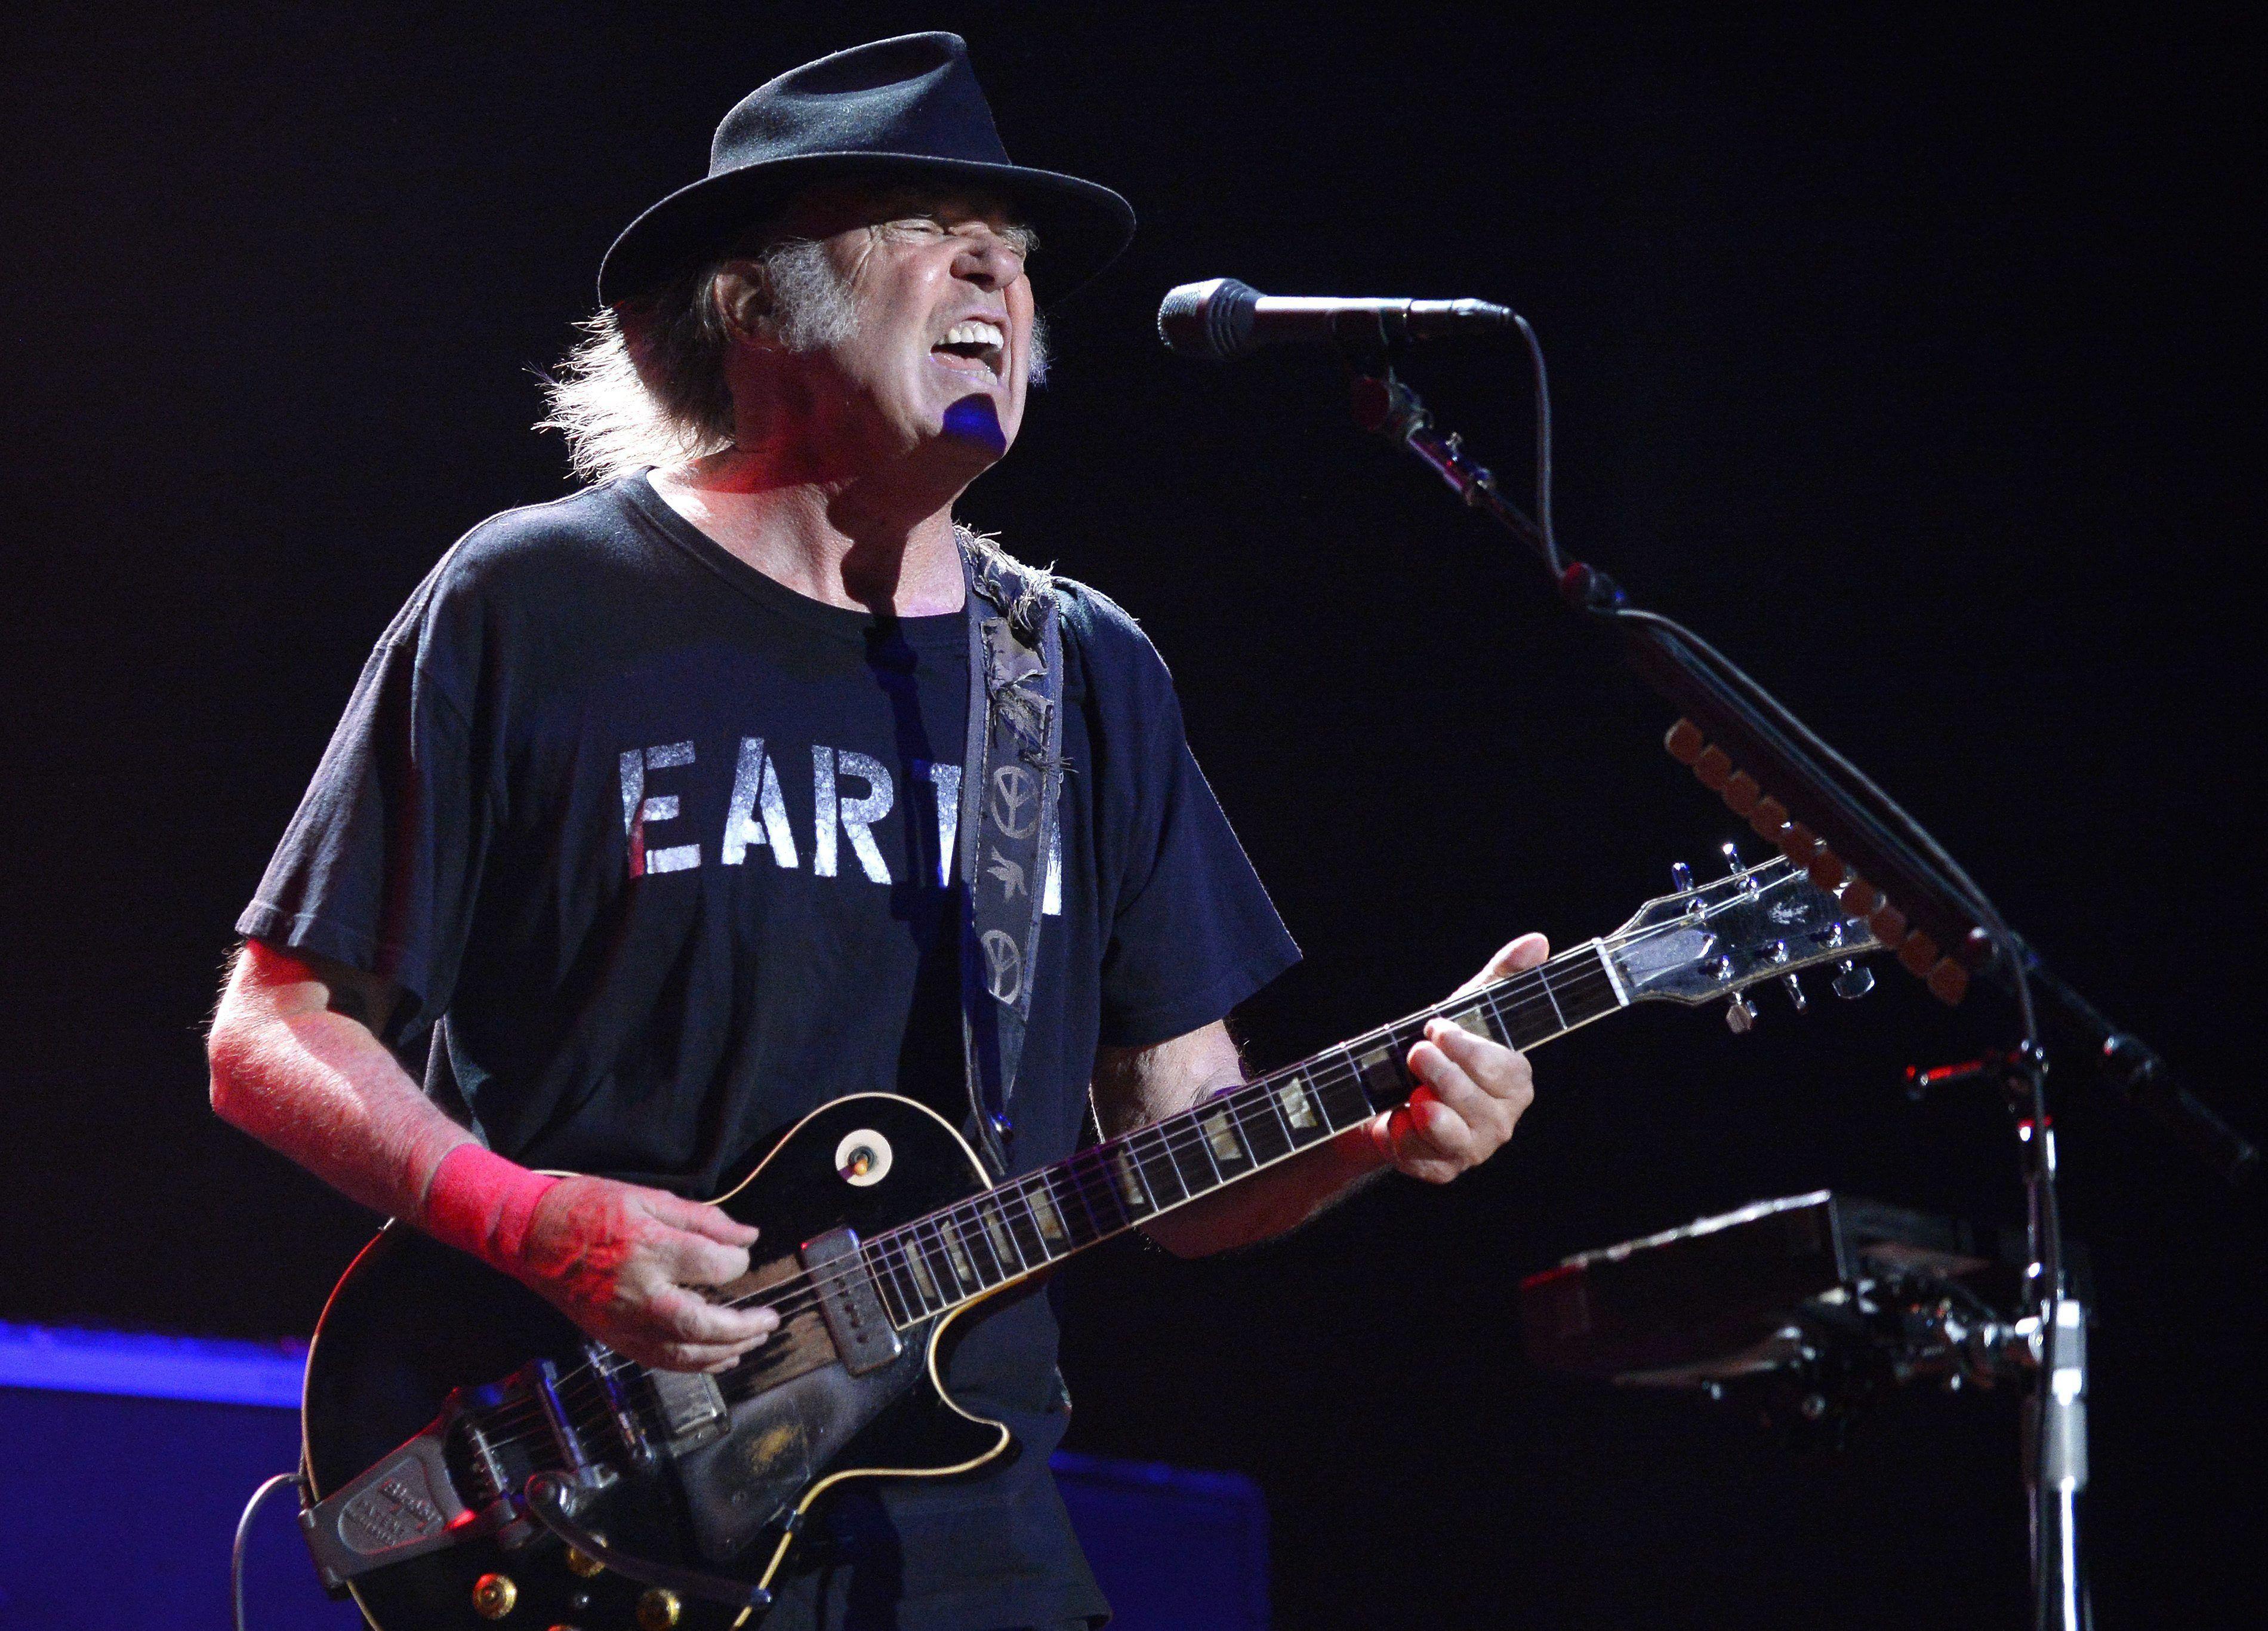 El músico canadiense Neil Youngen un concierto, en una fotografía de archivo EFE/Hans Klaus Techt